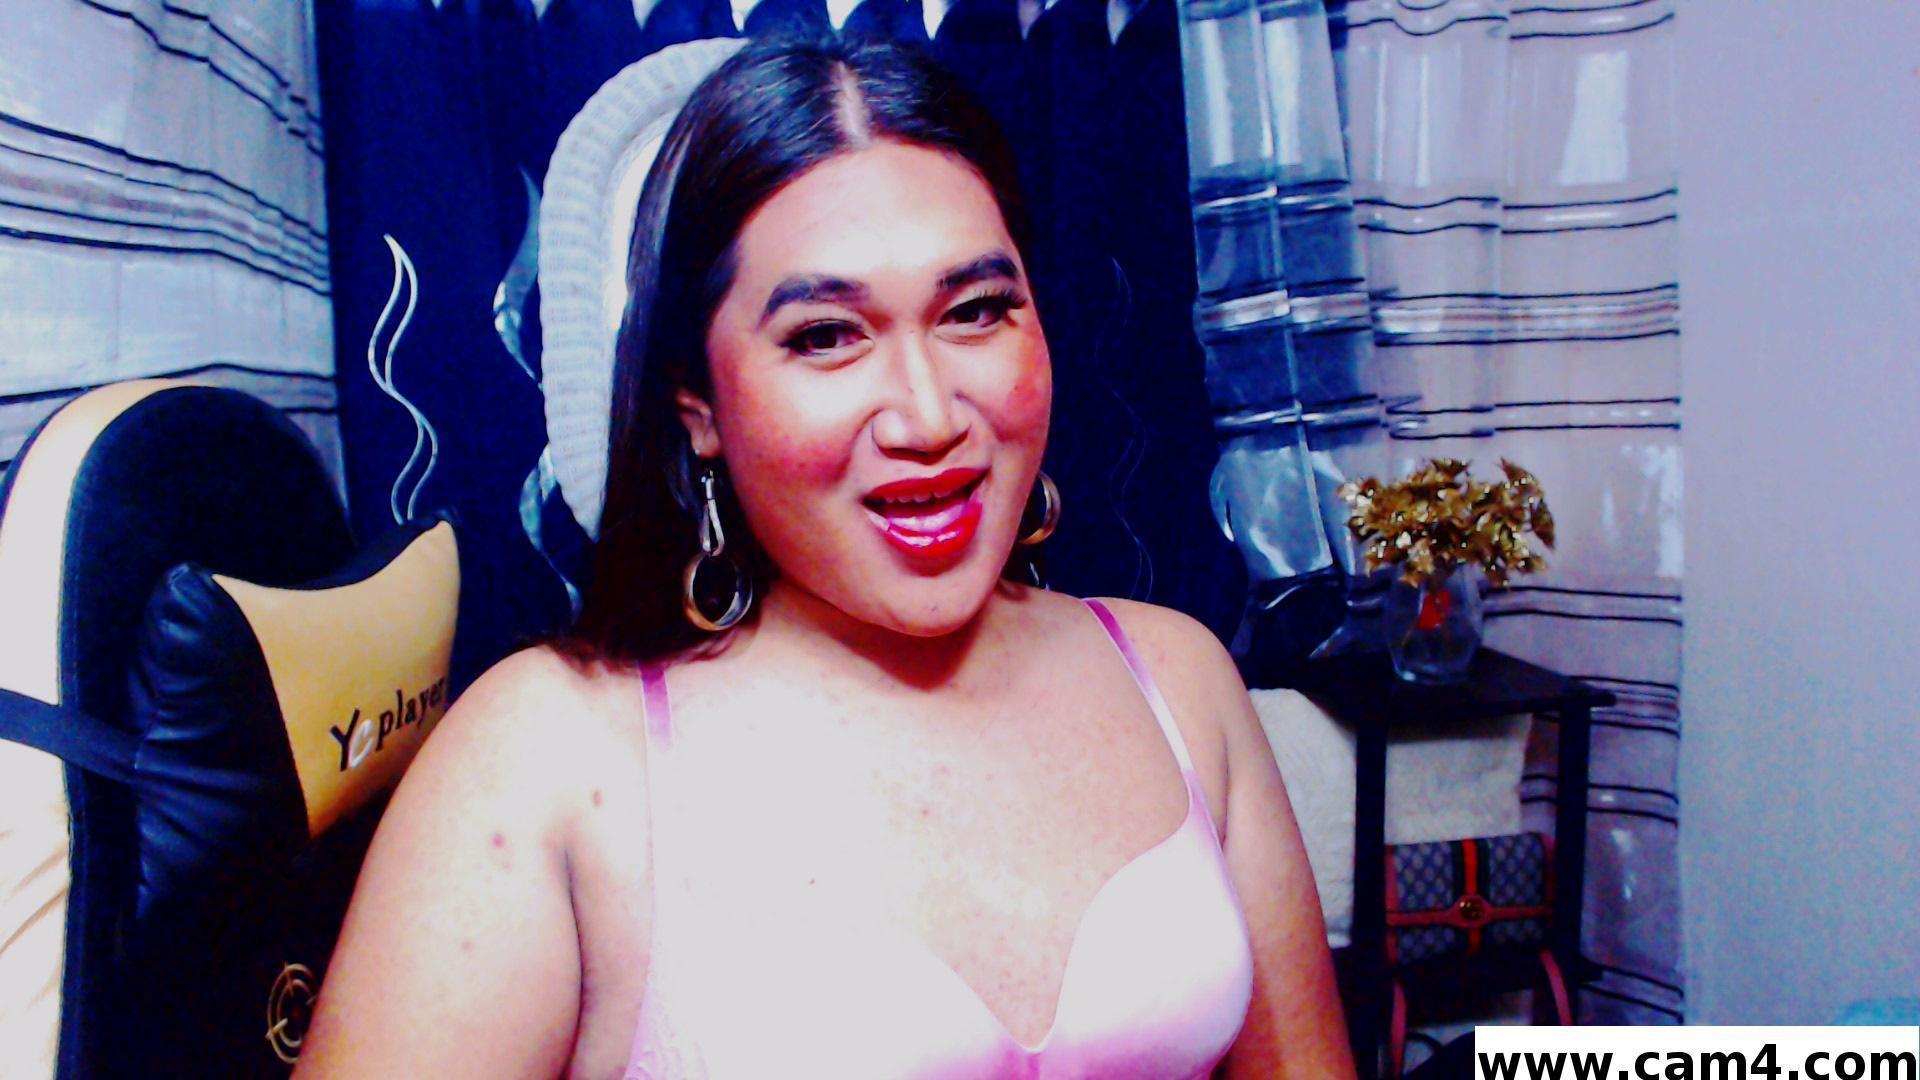 Fairylatik?s=hj+fp1xtxozy26ja0+gtoskr6v8bi9bzbs9yohmtpic=